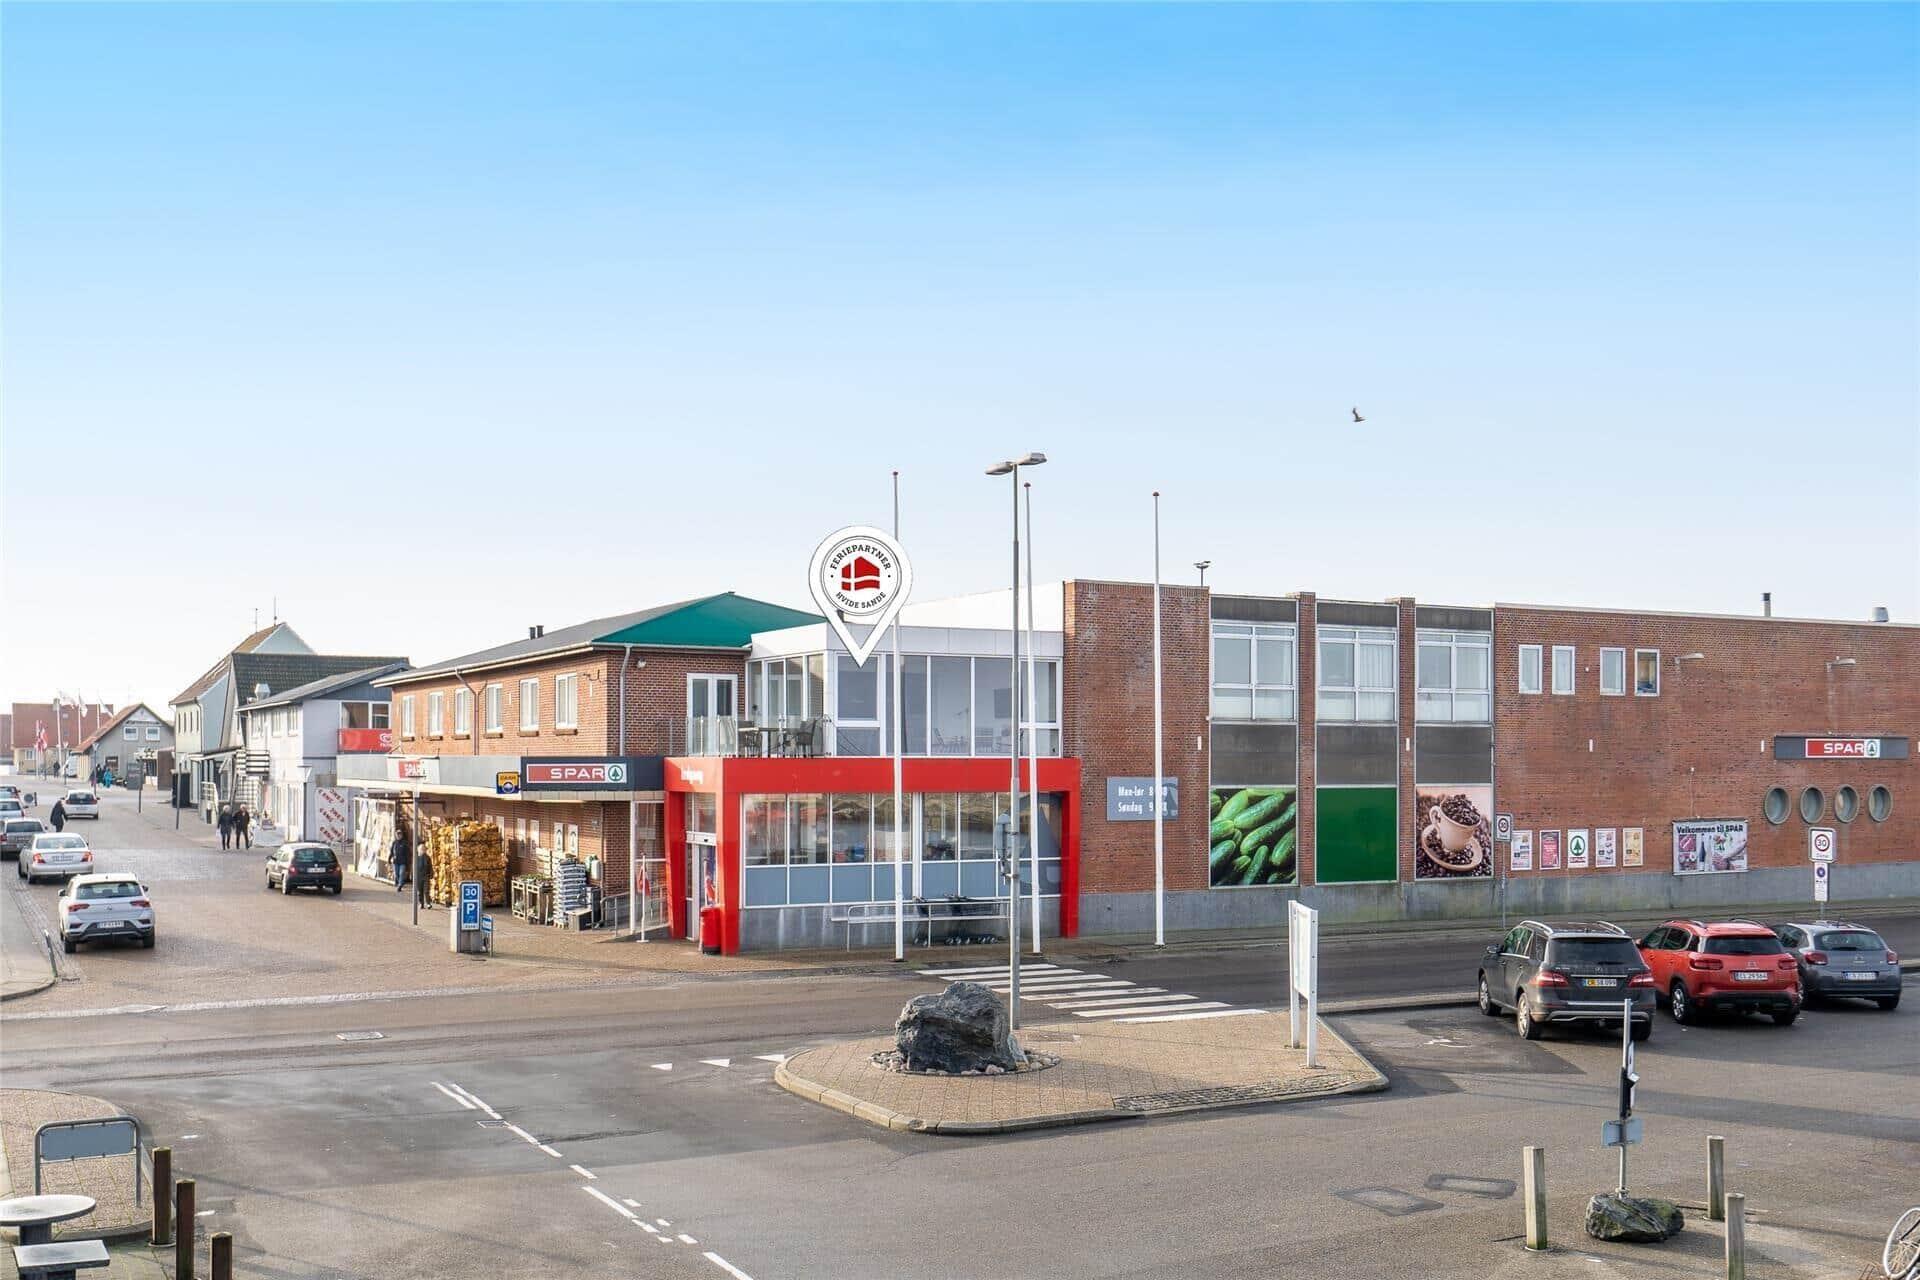 Billede 1-4 Sommerhus 804, Havnegade 2, DK - 6960 Hvide Sande